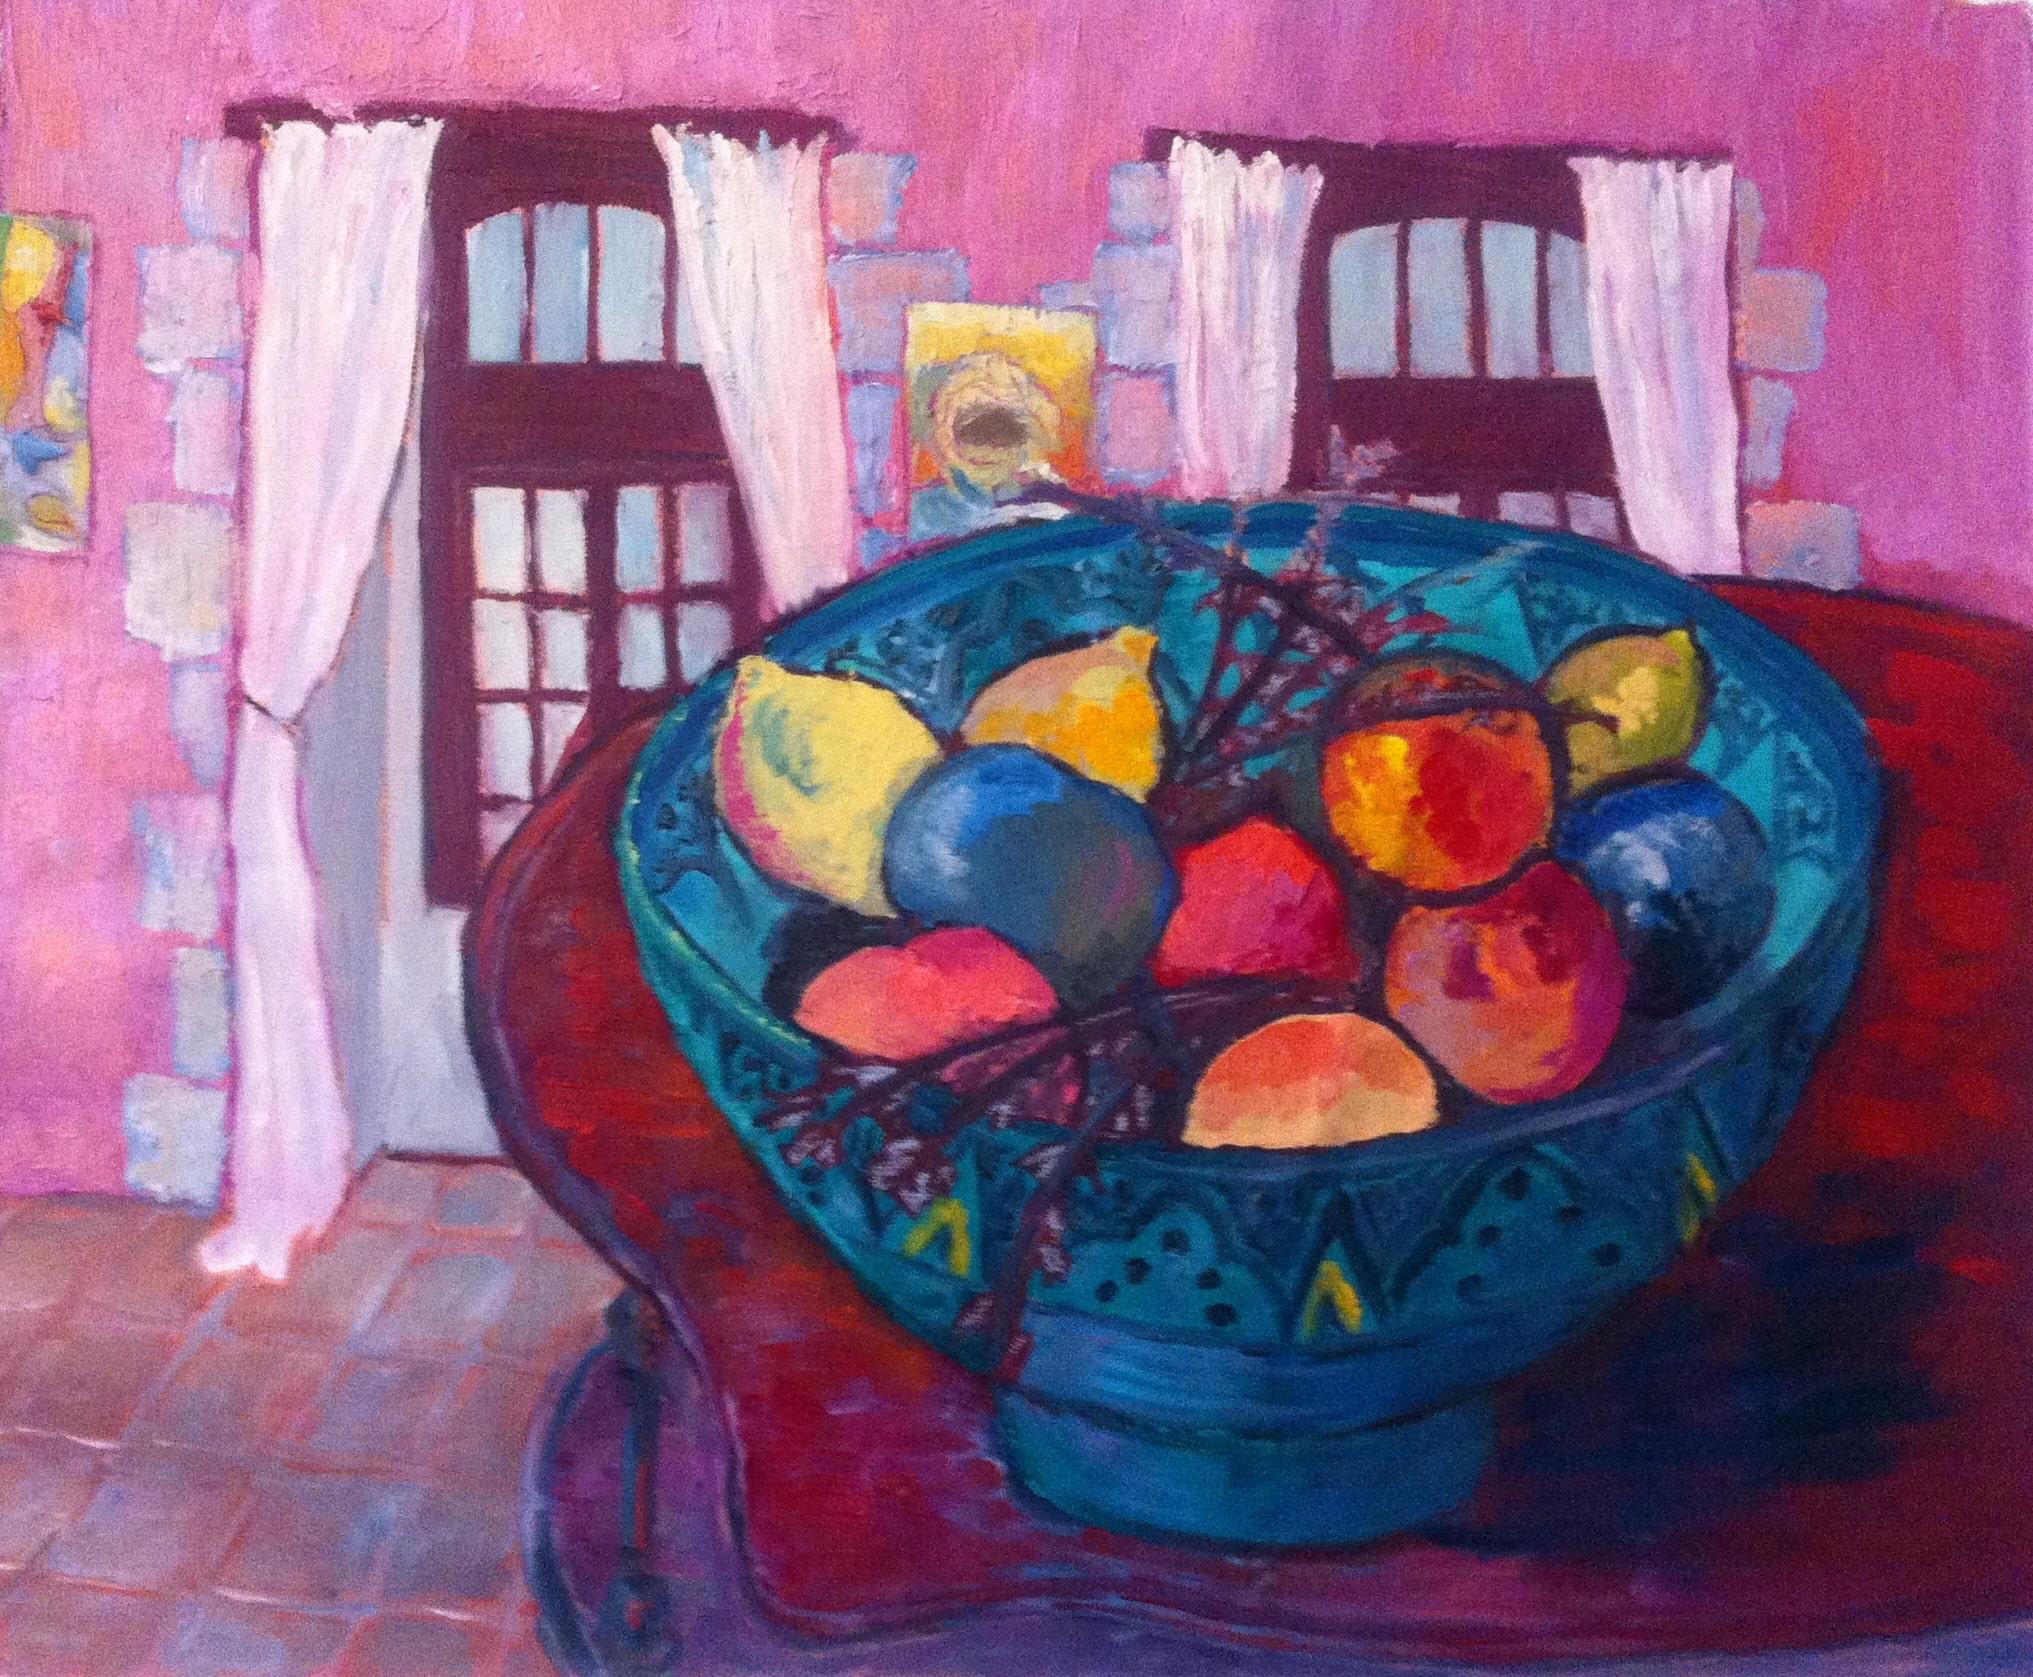 Hôtes et artistes en poitou - Vasque de fruits - huile sur toile